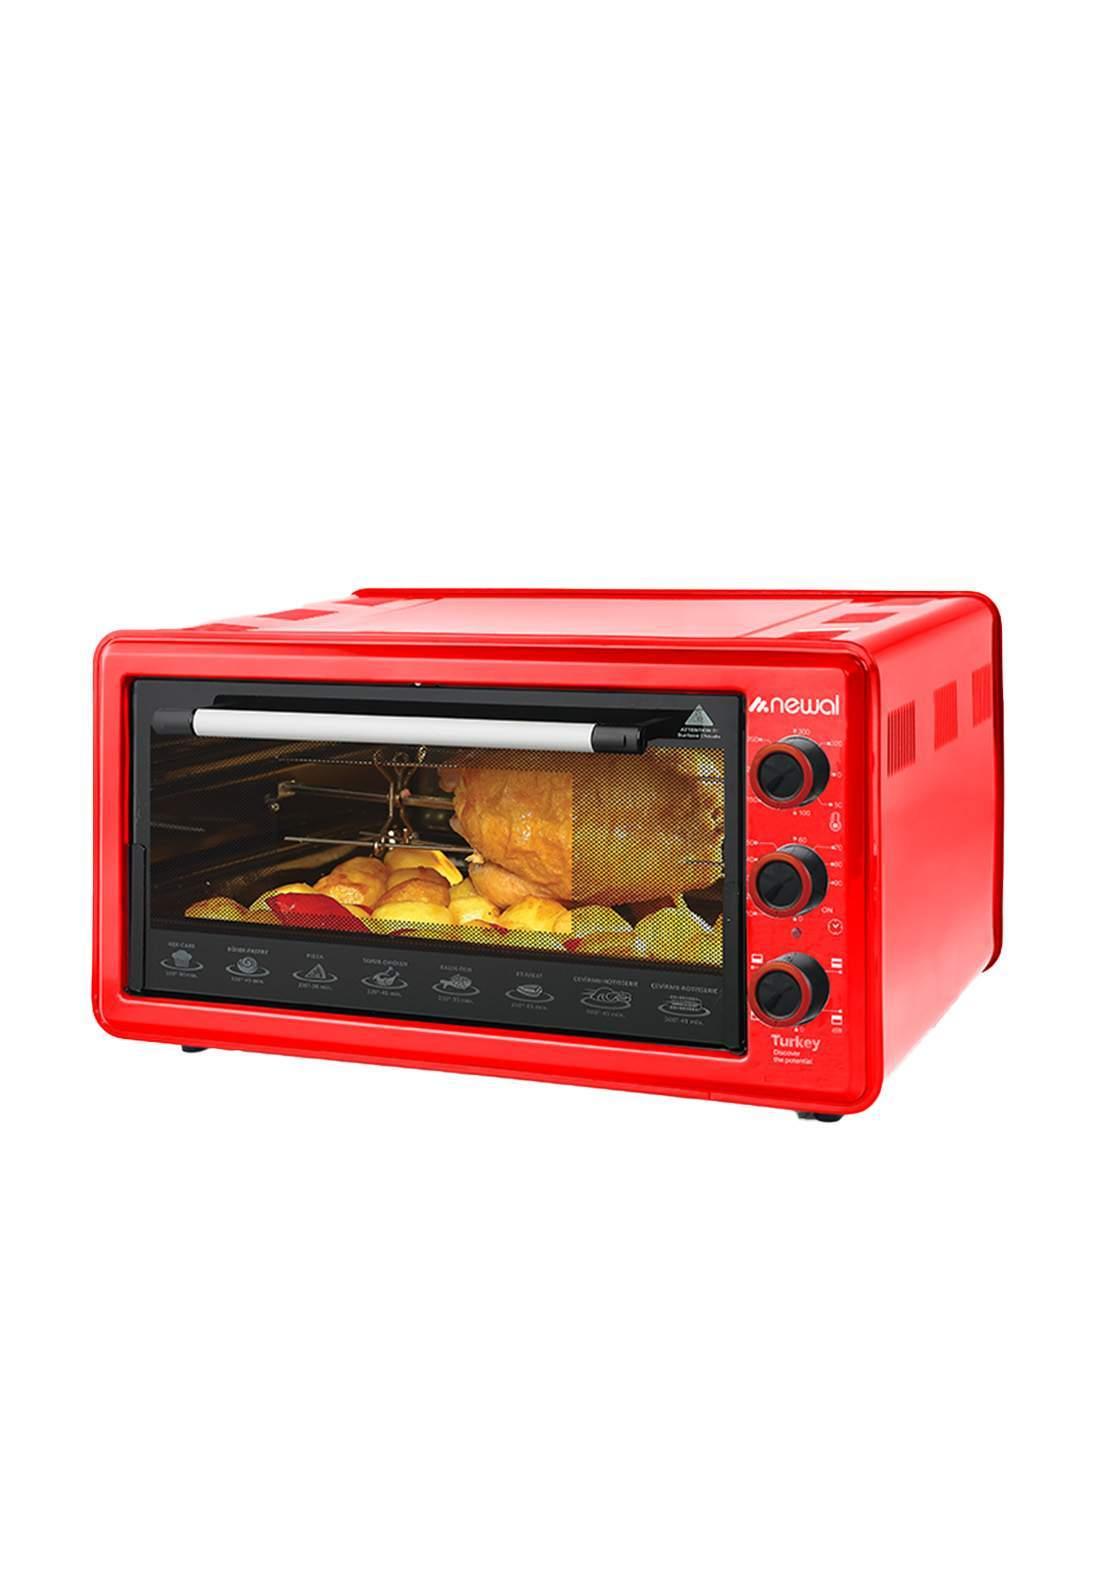 Newal Mini Oven 45L MOV-456-03 - Red فرن كهربائي